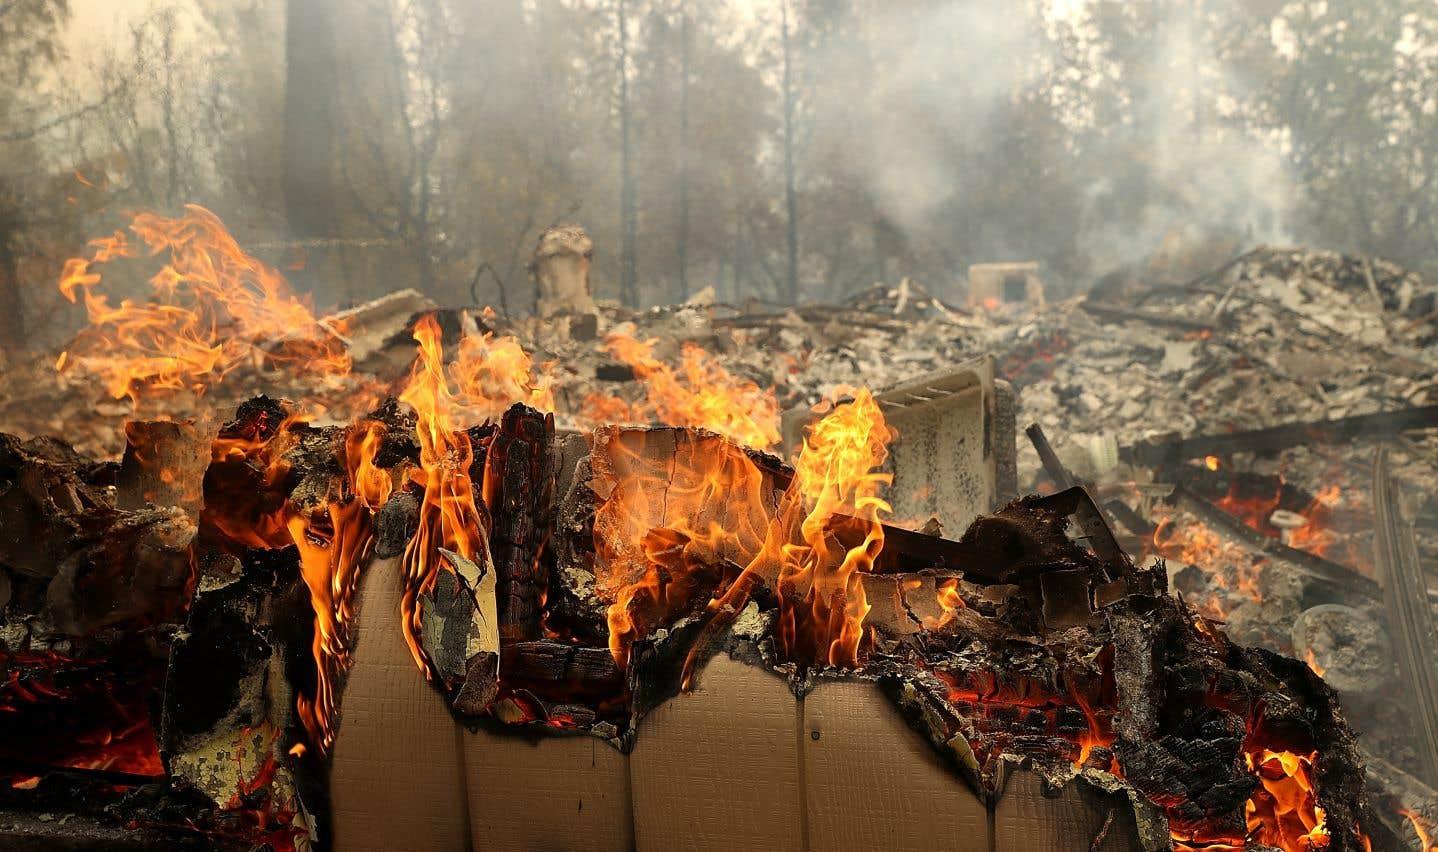 L'incendie baptisé «Carr» au nord de la ville de Redding a consumé 32700 hectares depuis lundi.